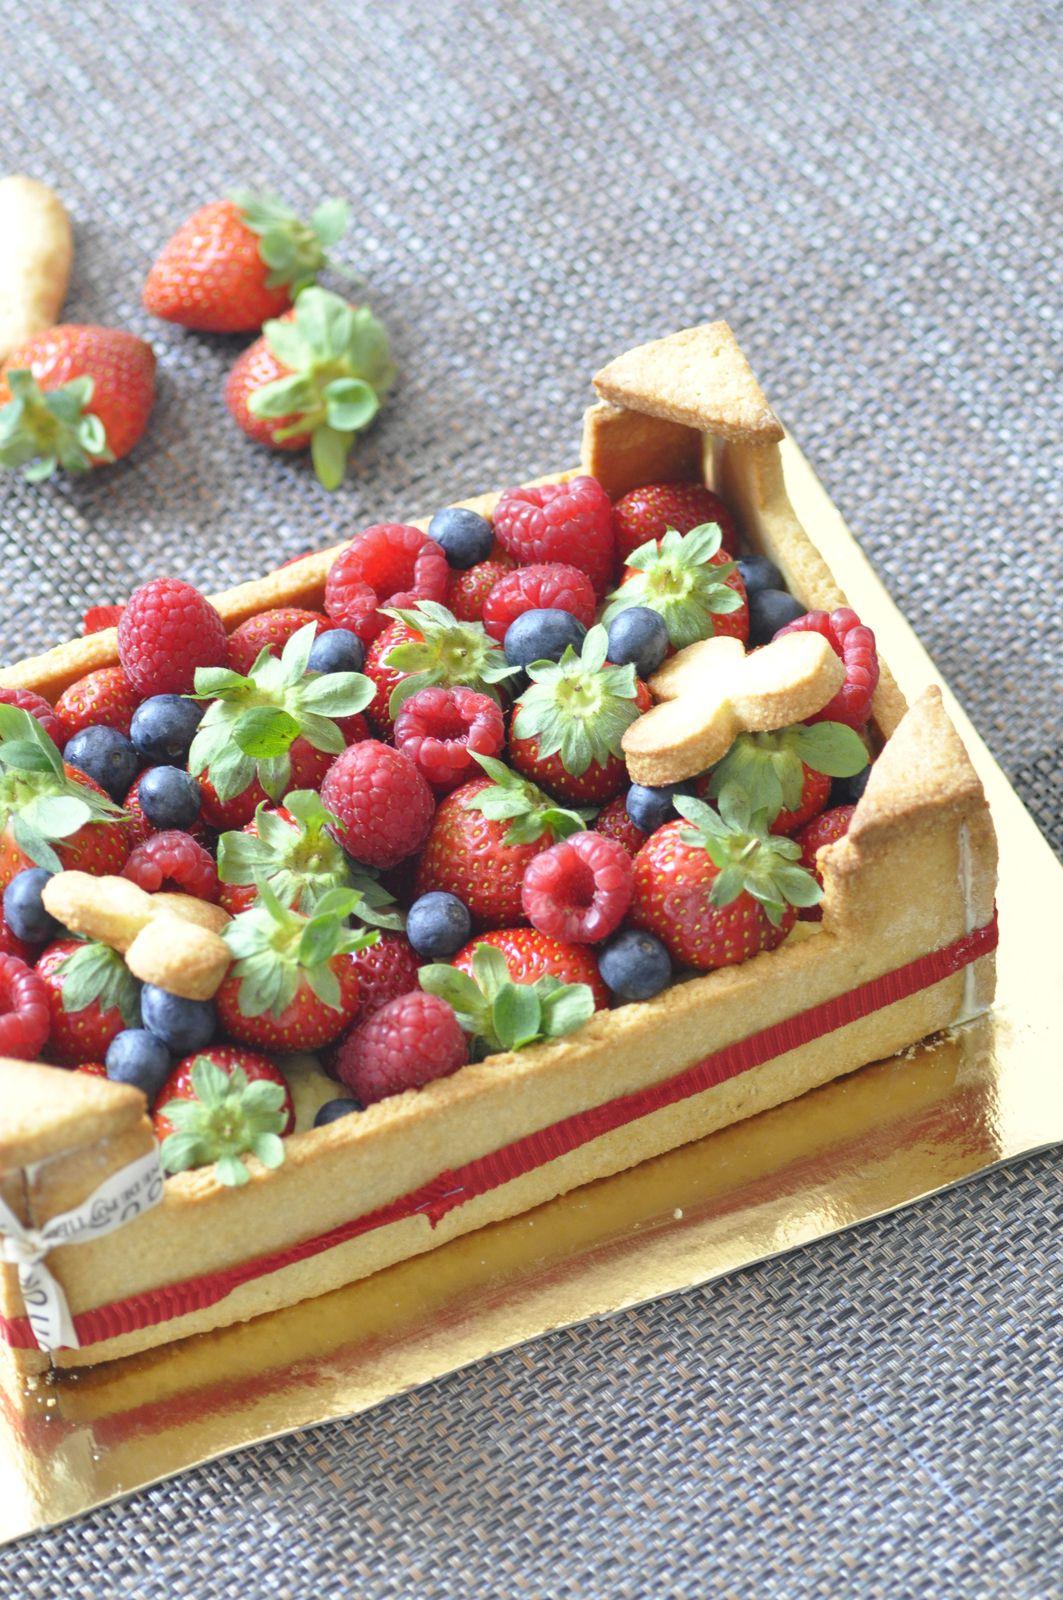 Tarte cagette aux fraises